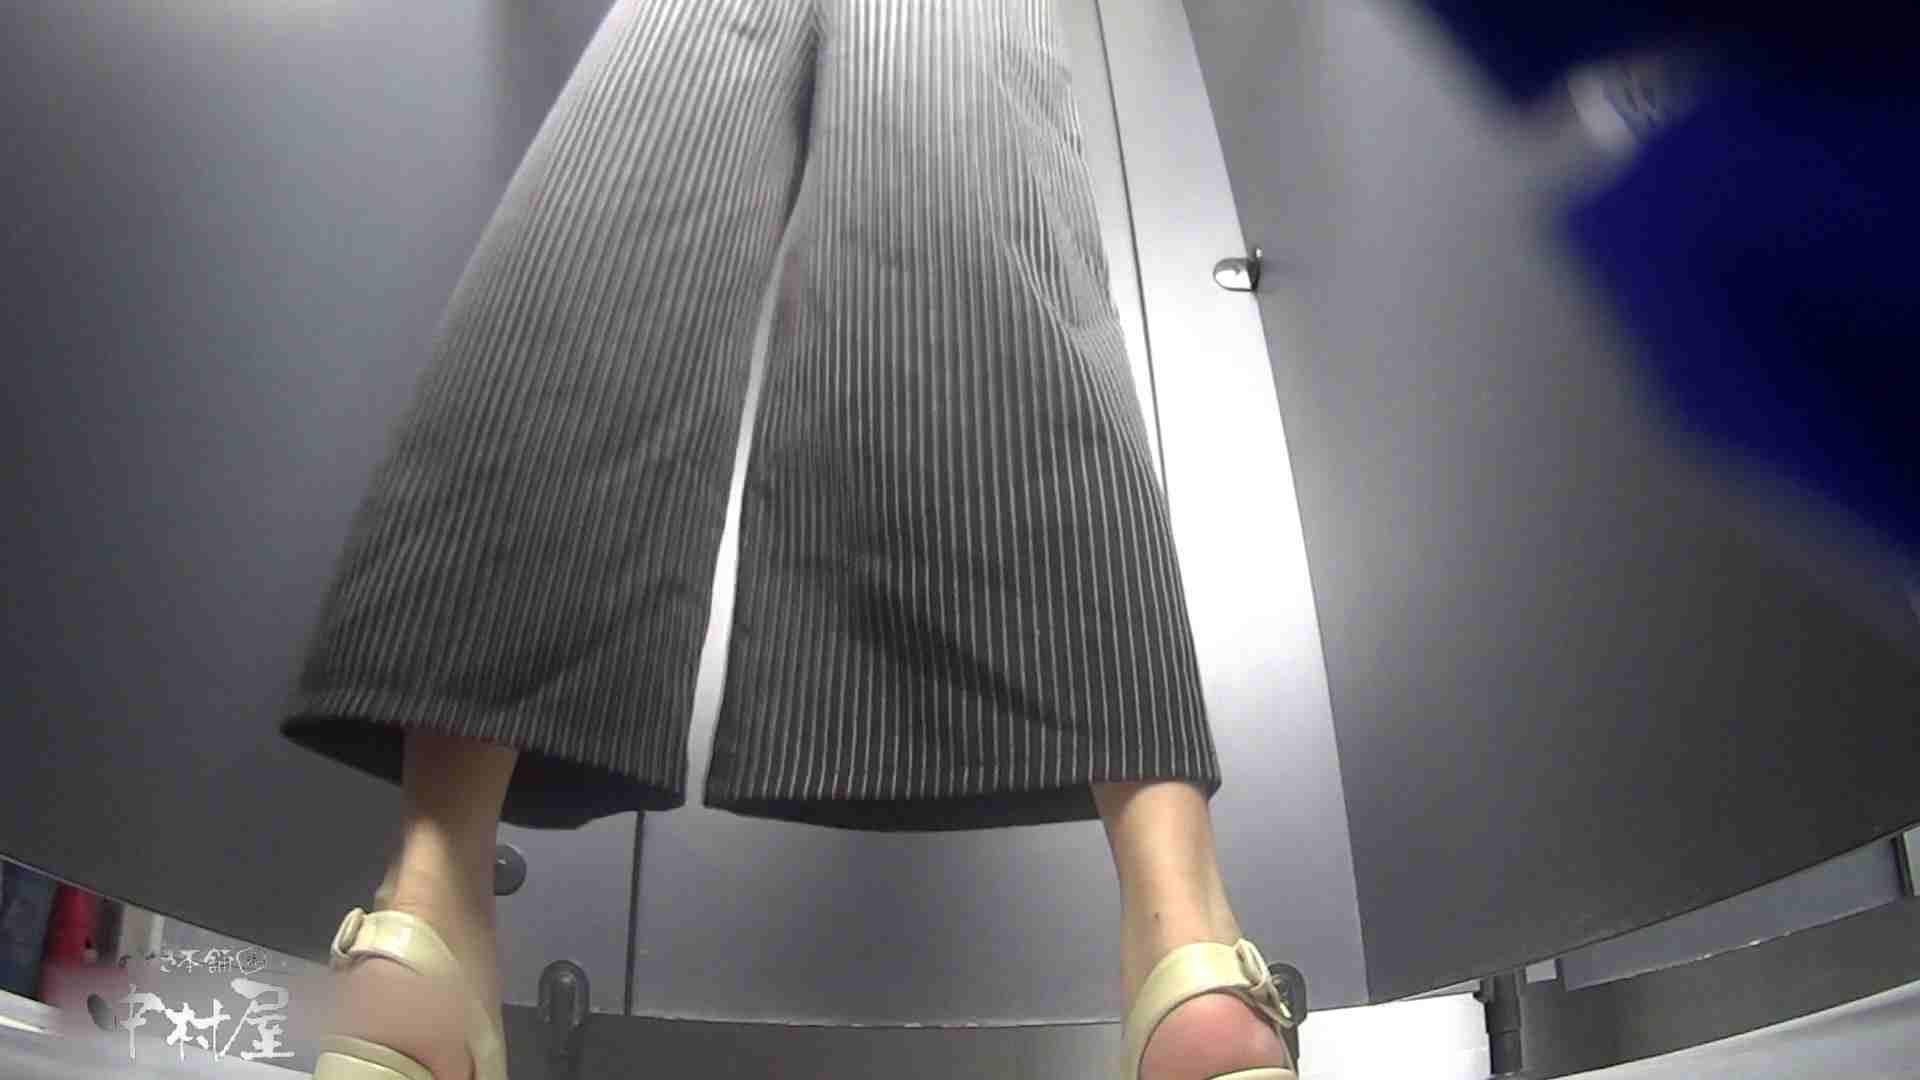 ツンデレお女市さんのトイレ事情 大学休憩時間の洗面所事情32 盗撮シリーズ  110PIX 30